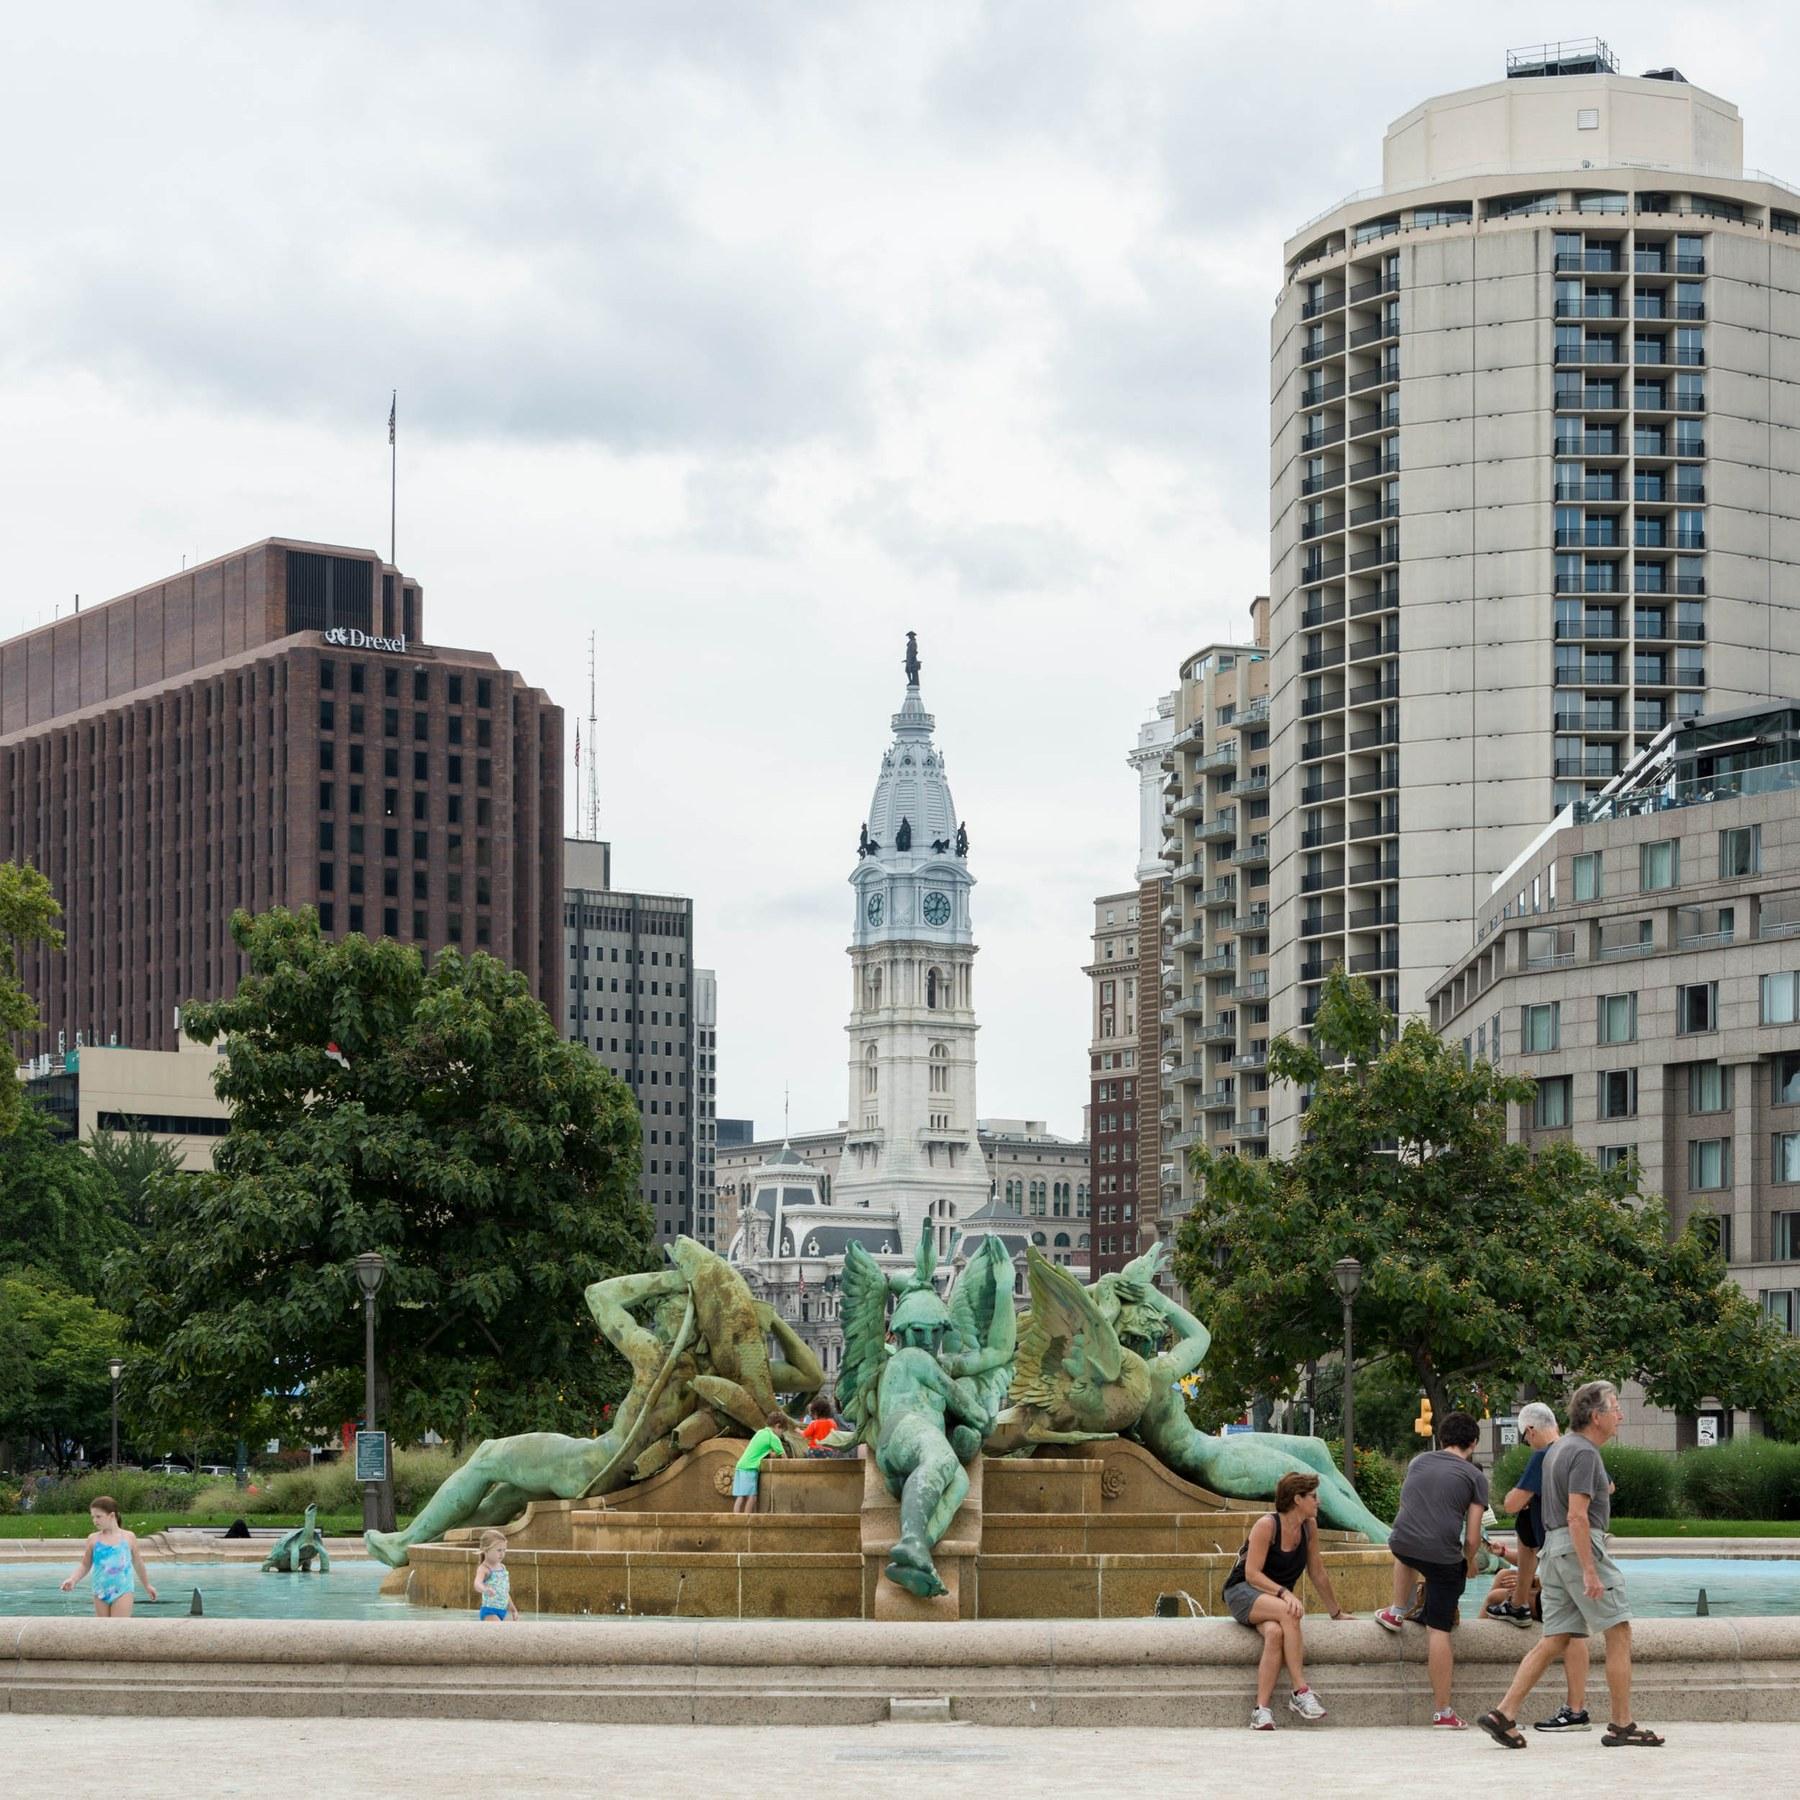 Local Com Homes For Rent: Logan Square, Philadelphia PA - Neighborhood Guide